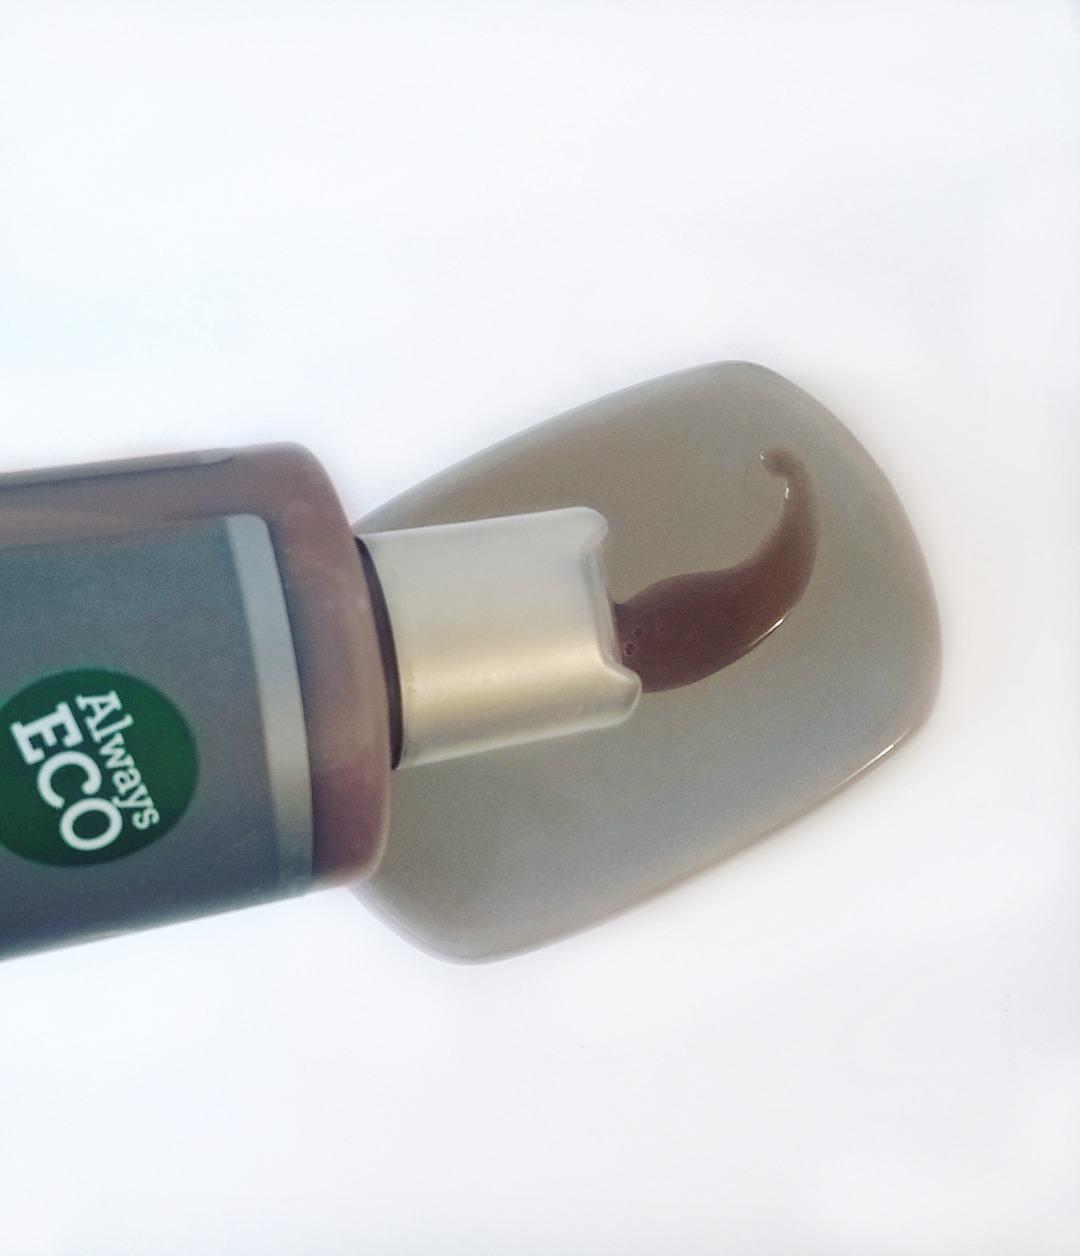 Urtekram - Szampon z glinką Marokańską Rasul skład INCI